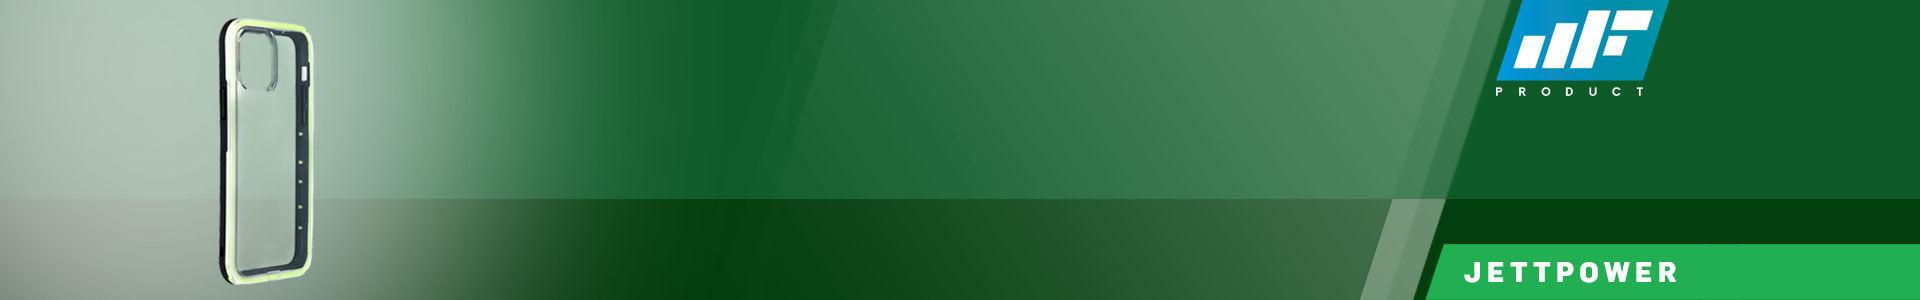 MF Product Jetpower 0309 Telefon Kılıfı iPhone 11 Pro Uyumlu Siyah-Yeşil, telefonun için en doğru adrestesin!